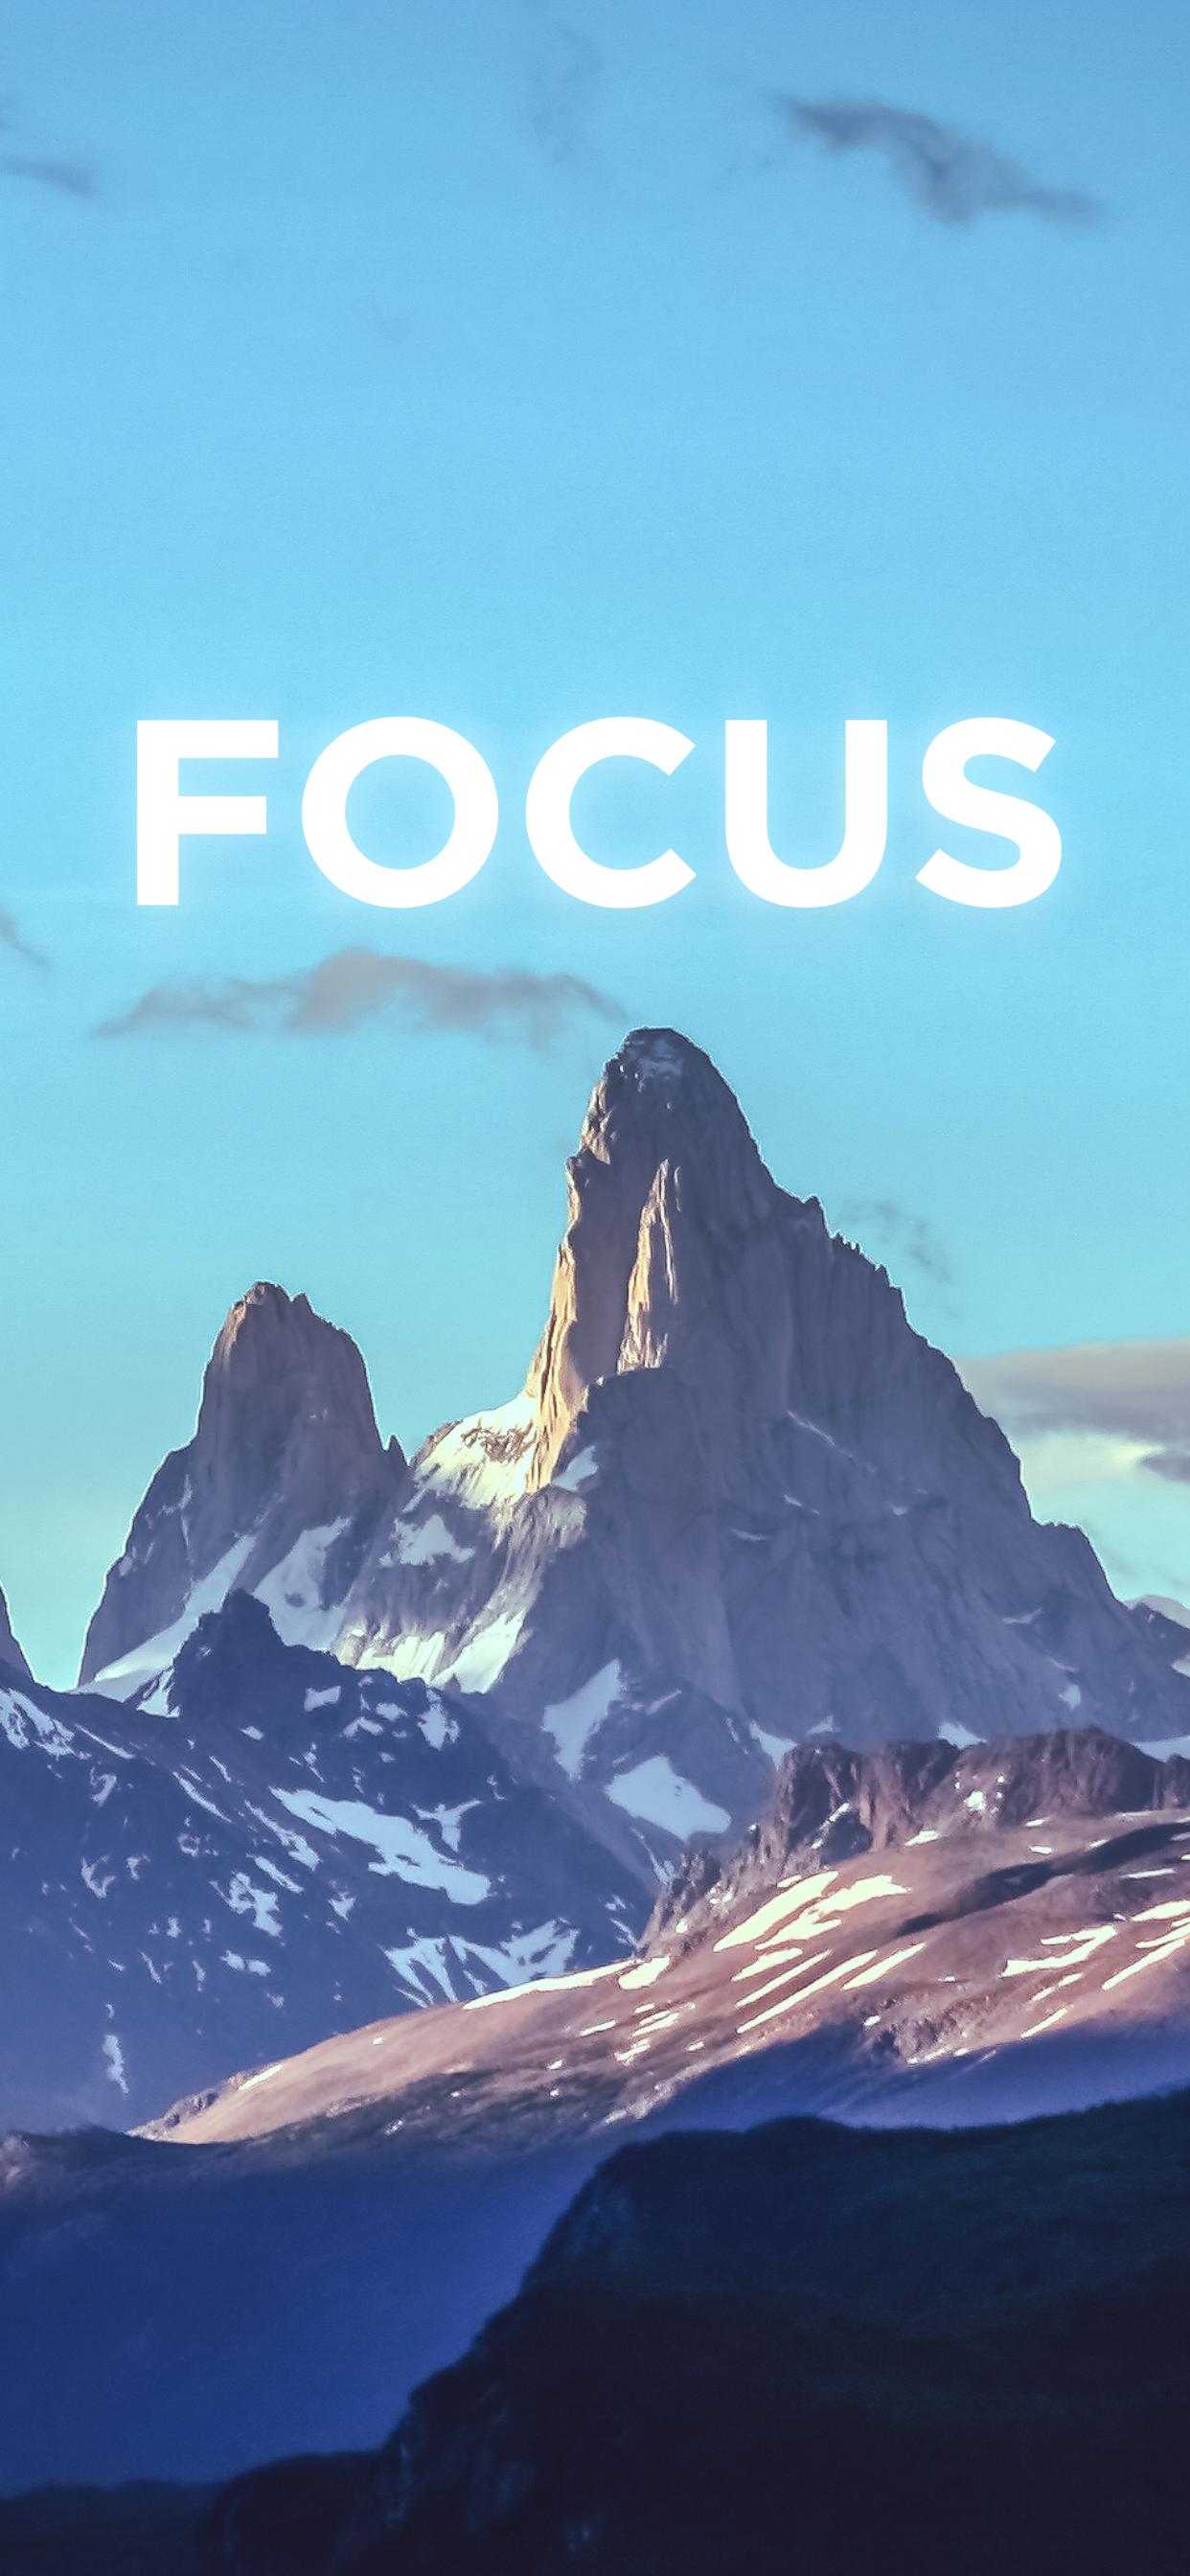 iphone-focus-background-5